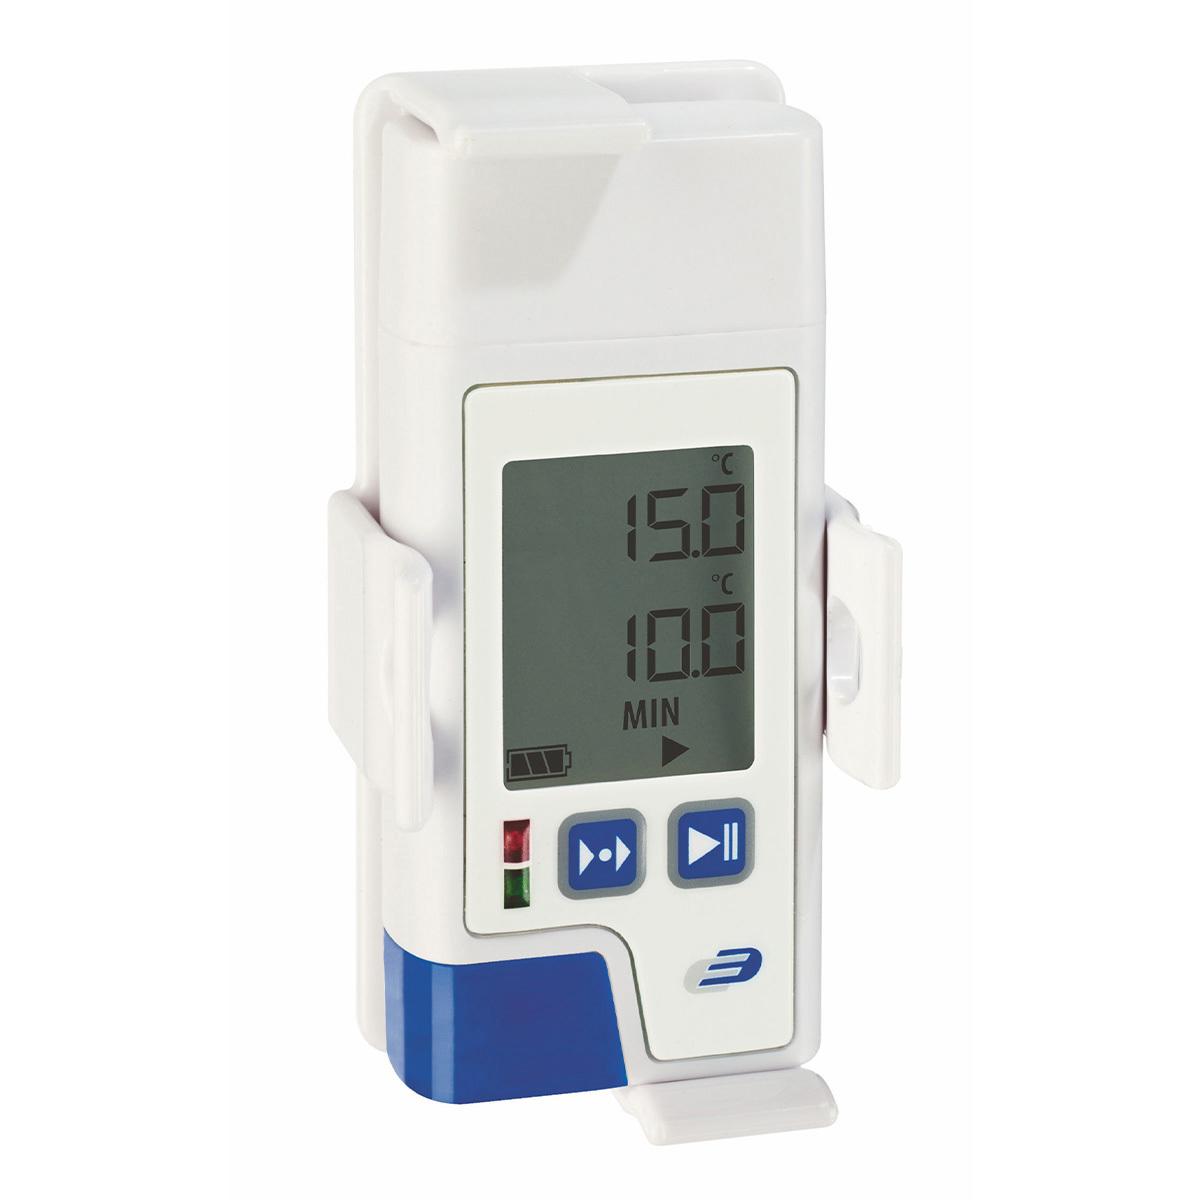 31-1057-02-datenlogger-für-temperatur-log200-mit-halterung-1200x1200px.jpg